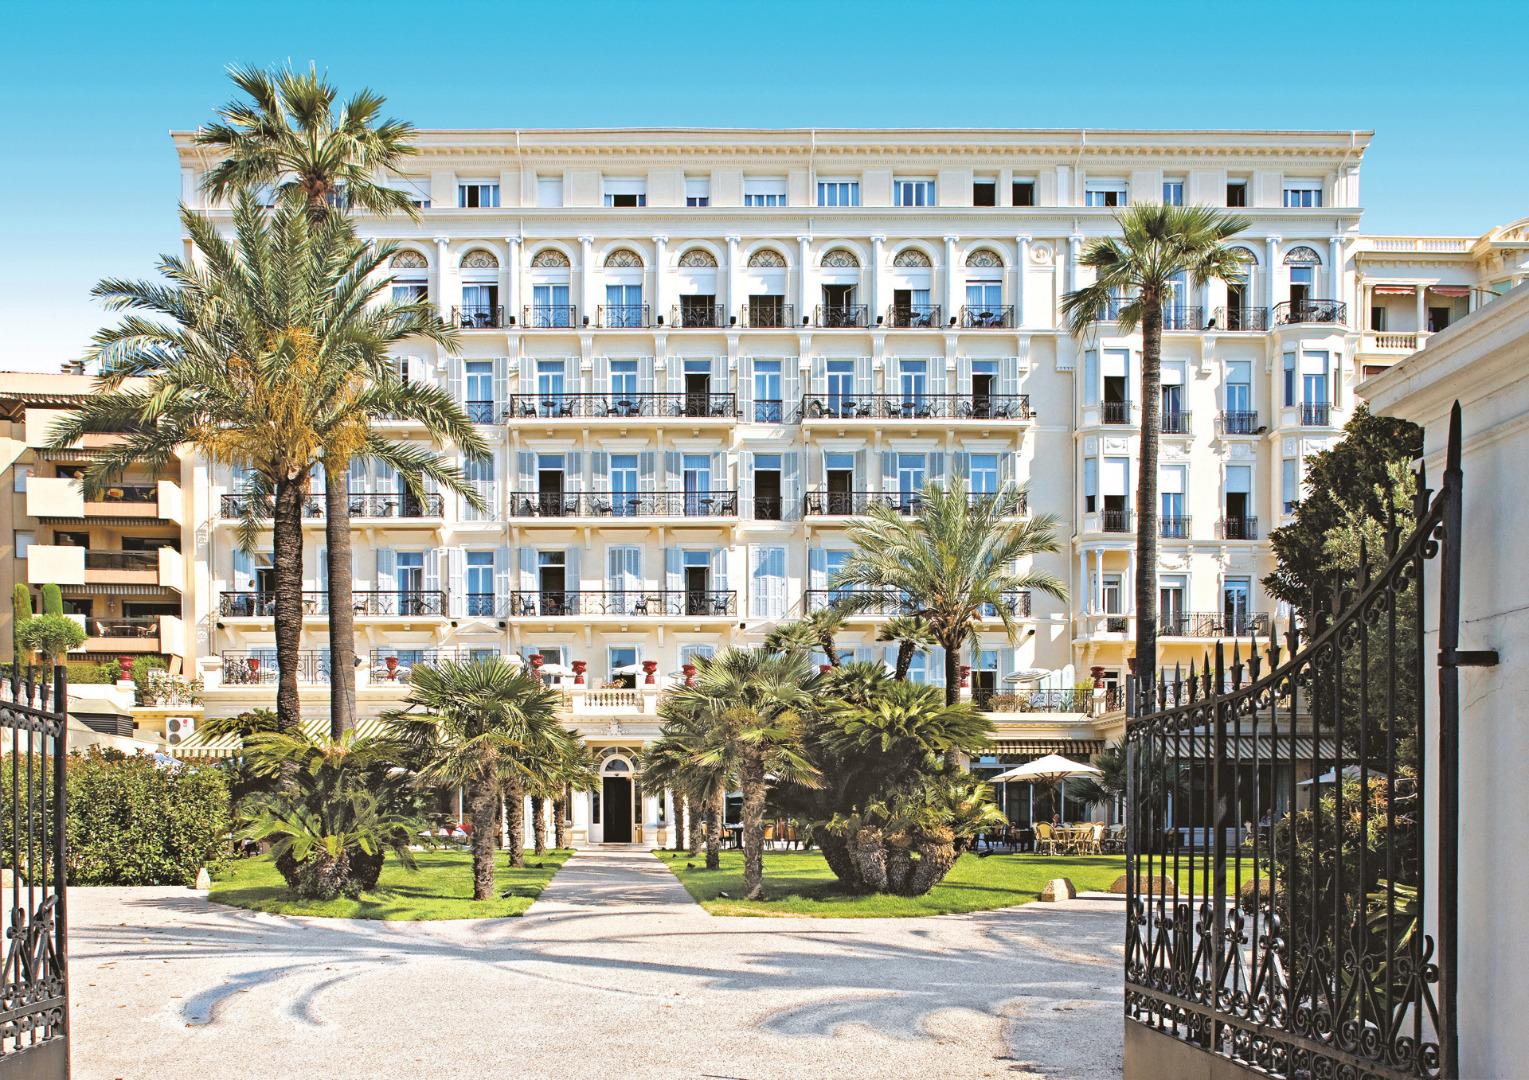 Hôtel vacances bleues - le royal westminster à